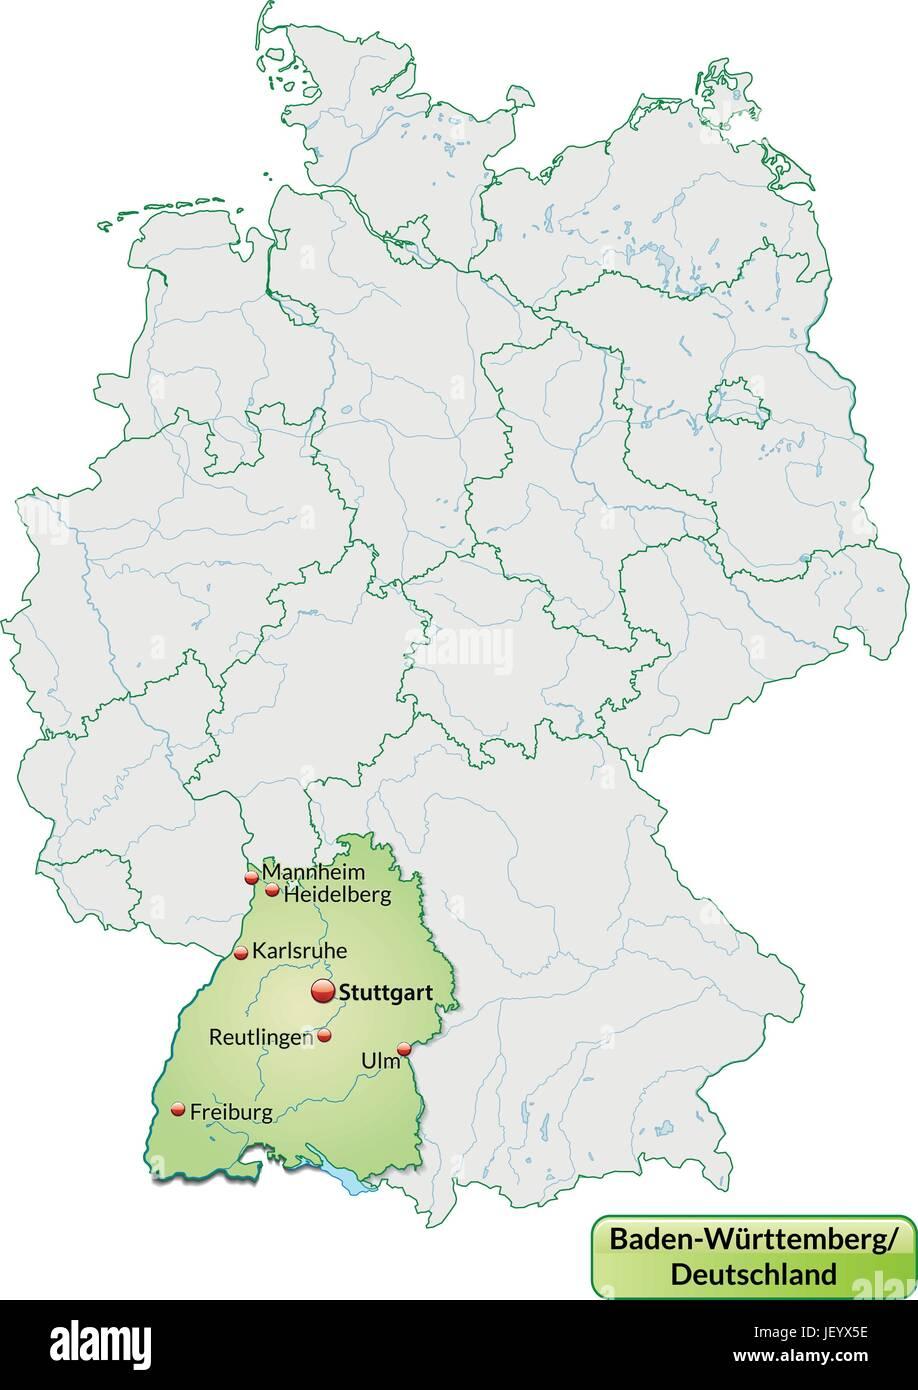 Karte Von Baden Wurttemberg Mit Den Wichtigsten Stadten In